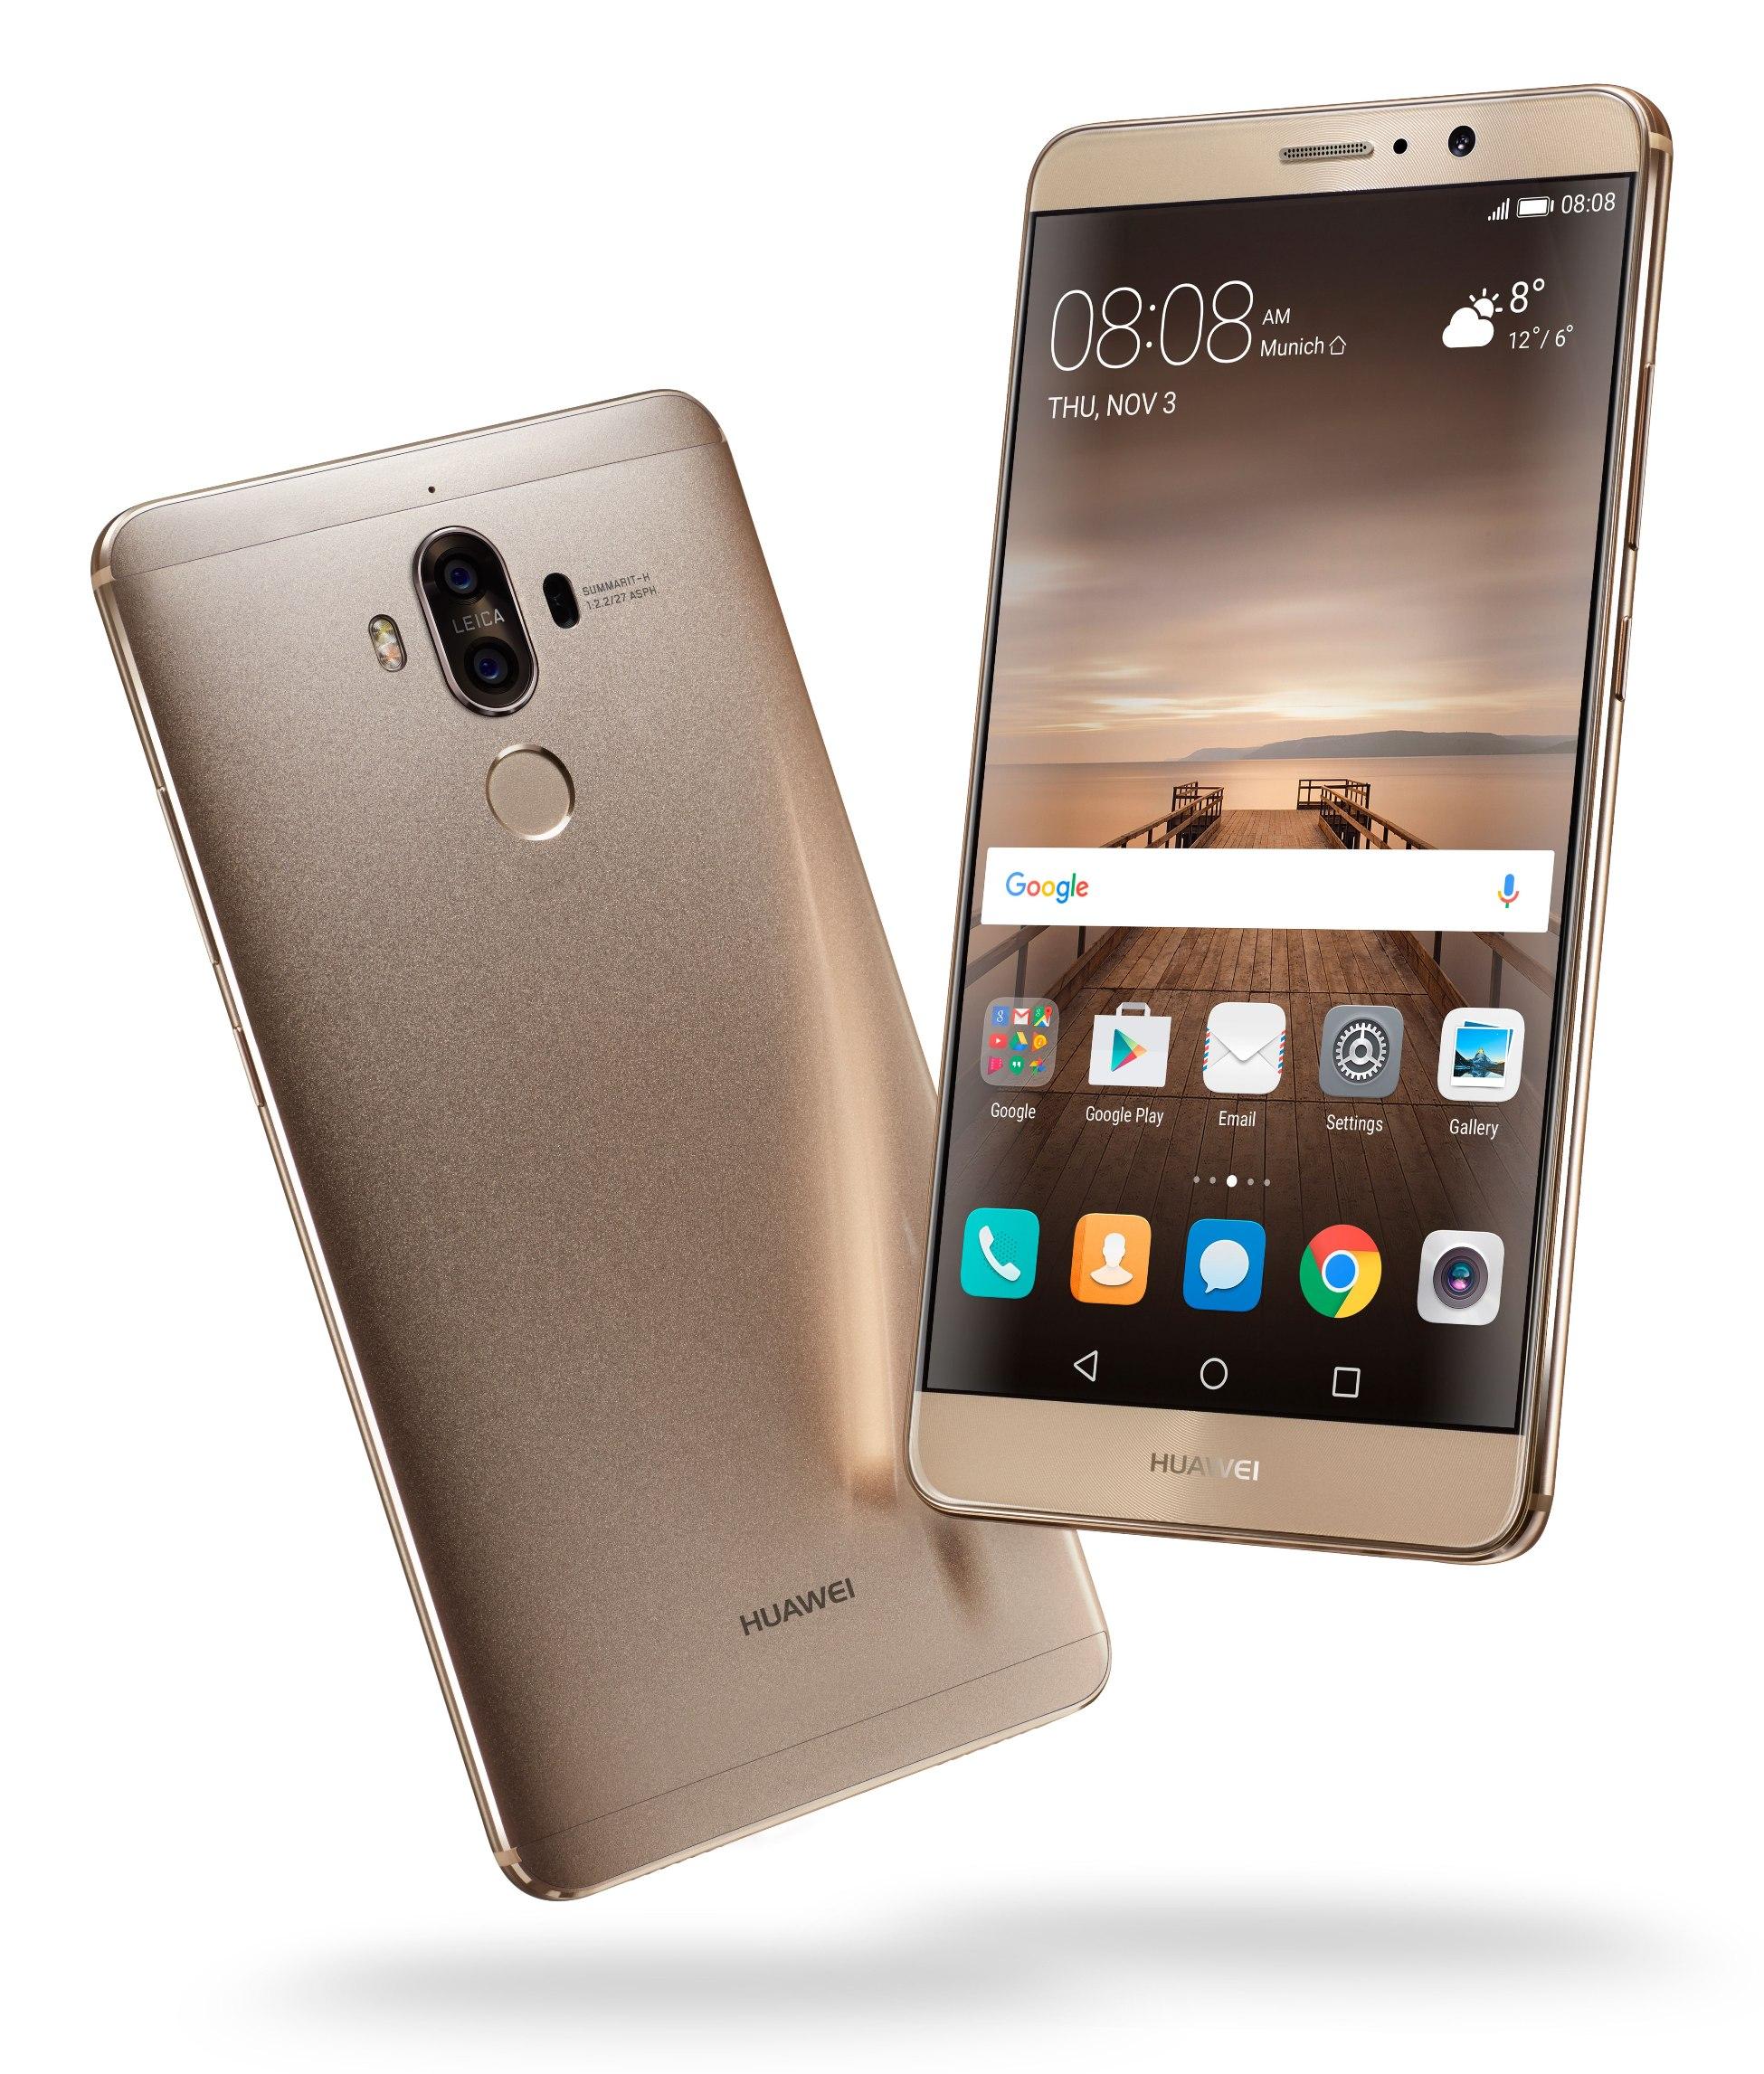 Huawei Mate 9's EMUI 5.0